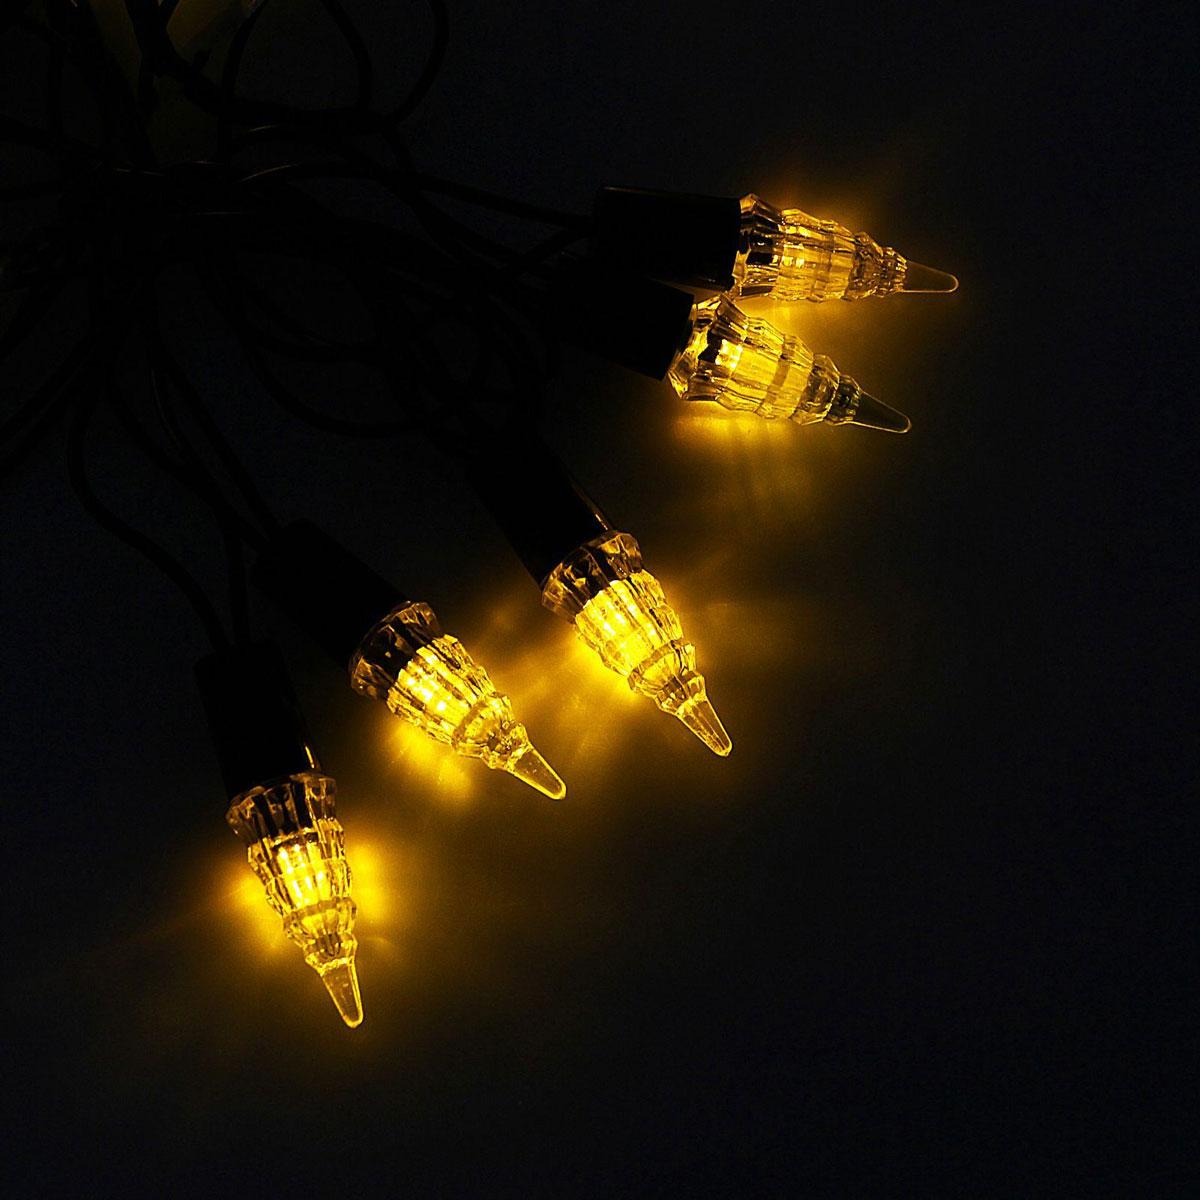 Гирлянда светодиодная Luazon Метраж. Конус, уличная с насадкой, фиксинг, 40 ламп, 220 V, 5 м, цвет: желтый. 10800581080058Светодиодные гирлянды, ленты и т.д. — это отличный вариант для новогоднего оформления интерьера или фасада. С их помощью помещение любого размера можно превратить в праздничный зал, а внешние элементы зданий, украшенные ими, мгновенно станут напоминать очертания сказочного дворца. Такие украшения создают ауру предвкушения чуда. Деревья, фасады, витрины, окна и арки будто специально созданы, чтобы вы украсили их светящимися нитями.